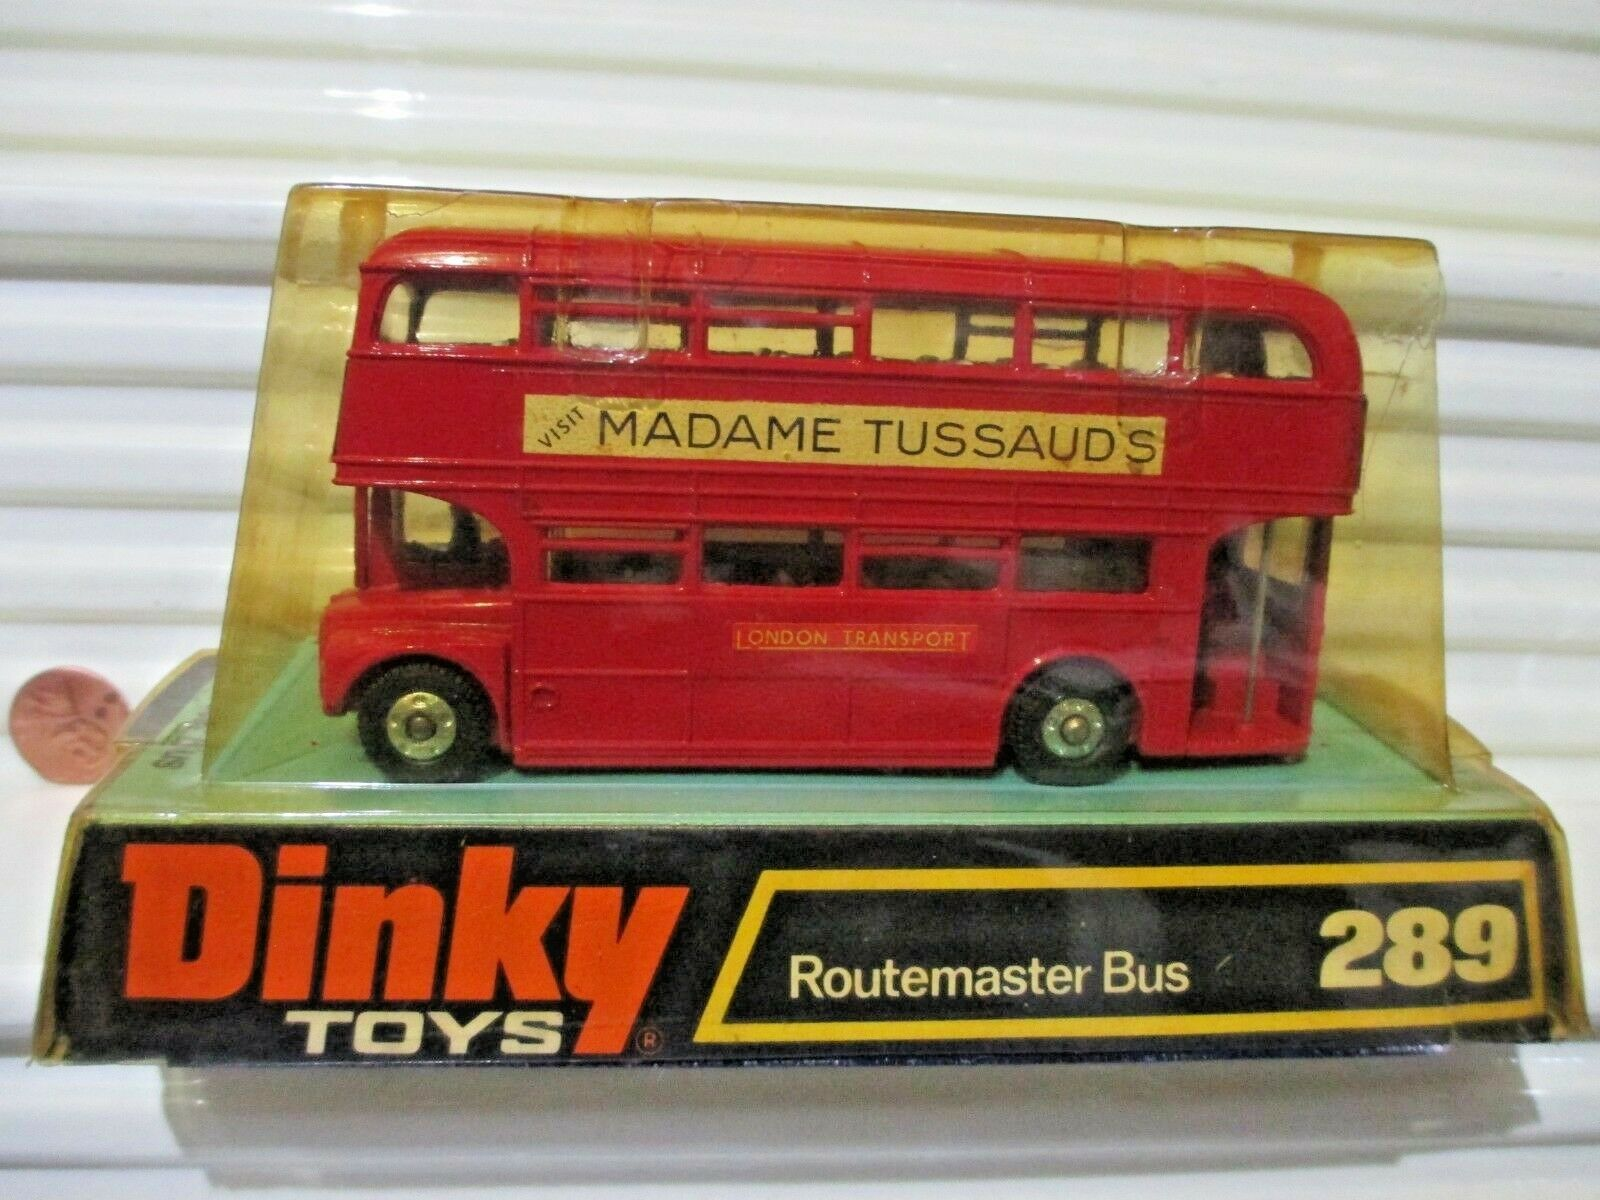 de moda Dinky Dinky Dinky Juguetes  289 1974 Routemaster City Bus  visita Madame Tussaud's  como nuevo en caja  Los mejores precios y los estilos más frescos.